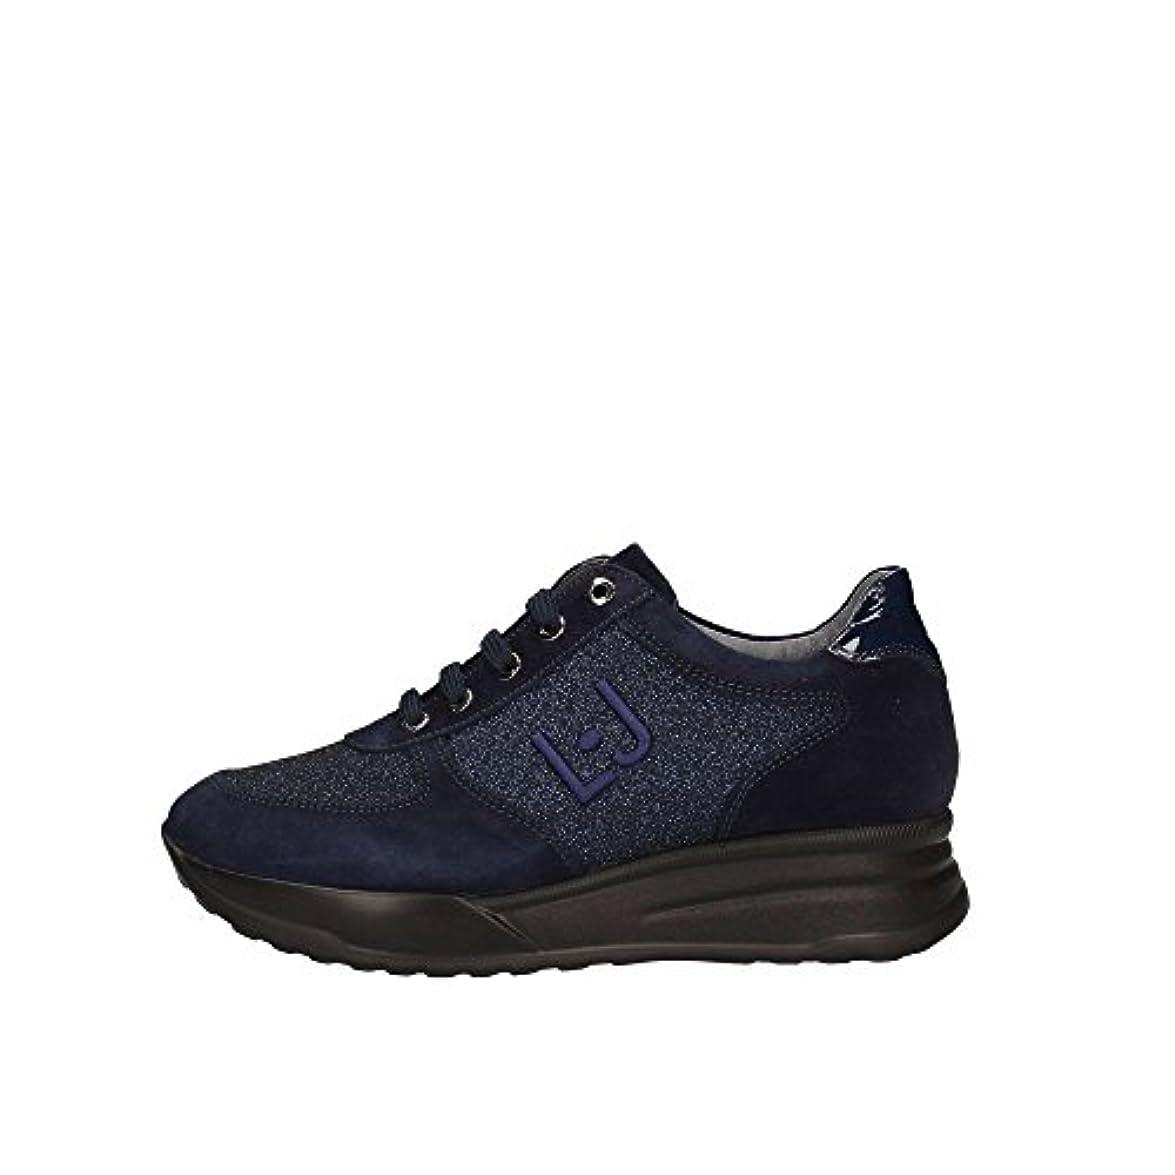 Liu jo Girl L4a4 20210 0218 Sneakers Donna Blu 38